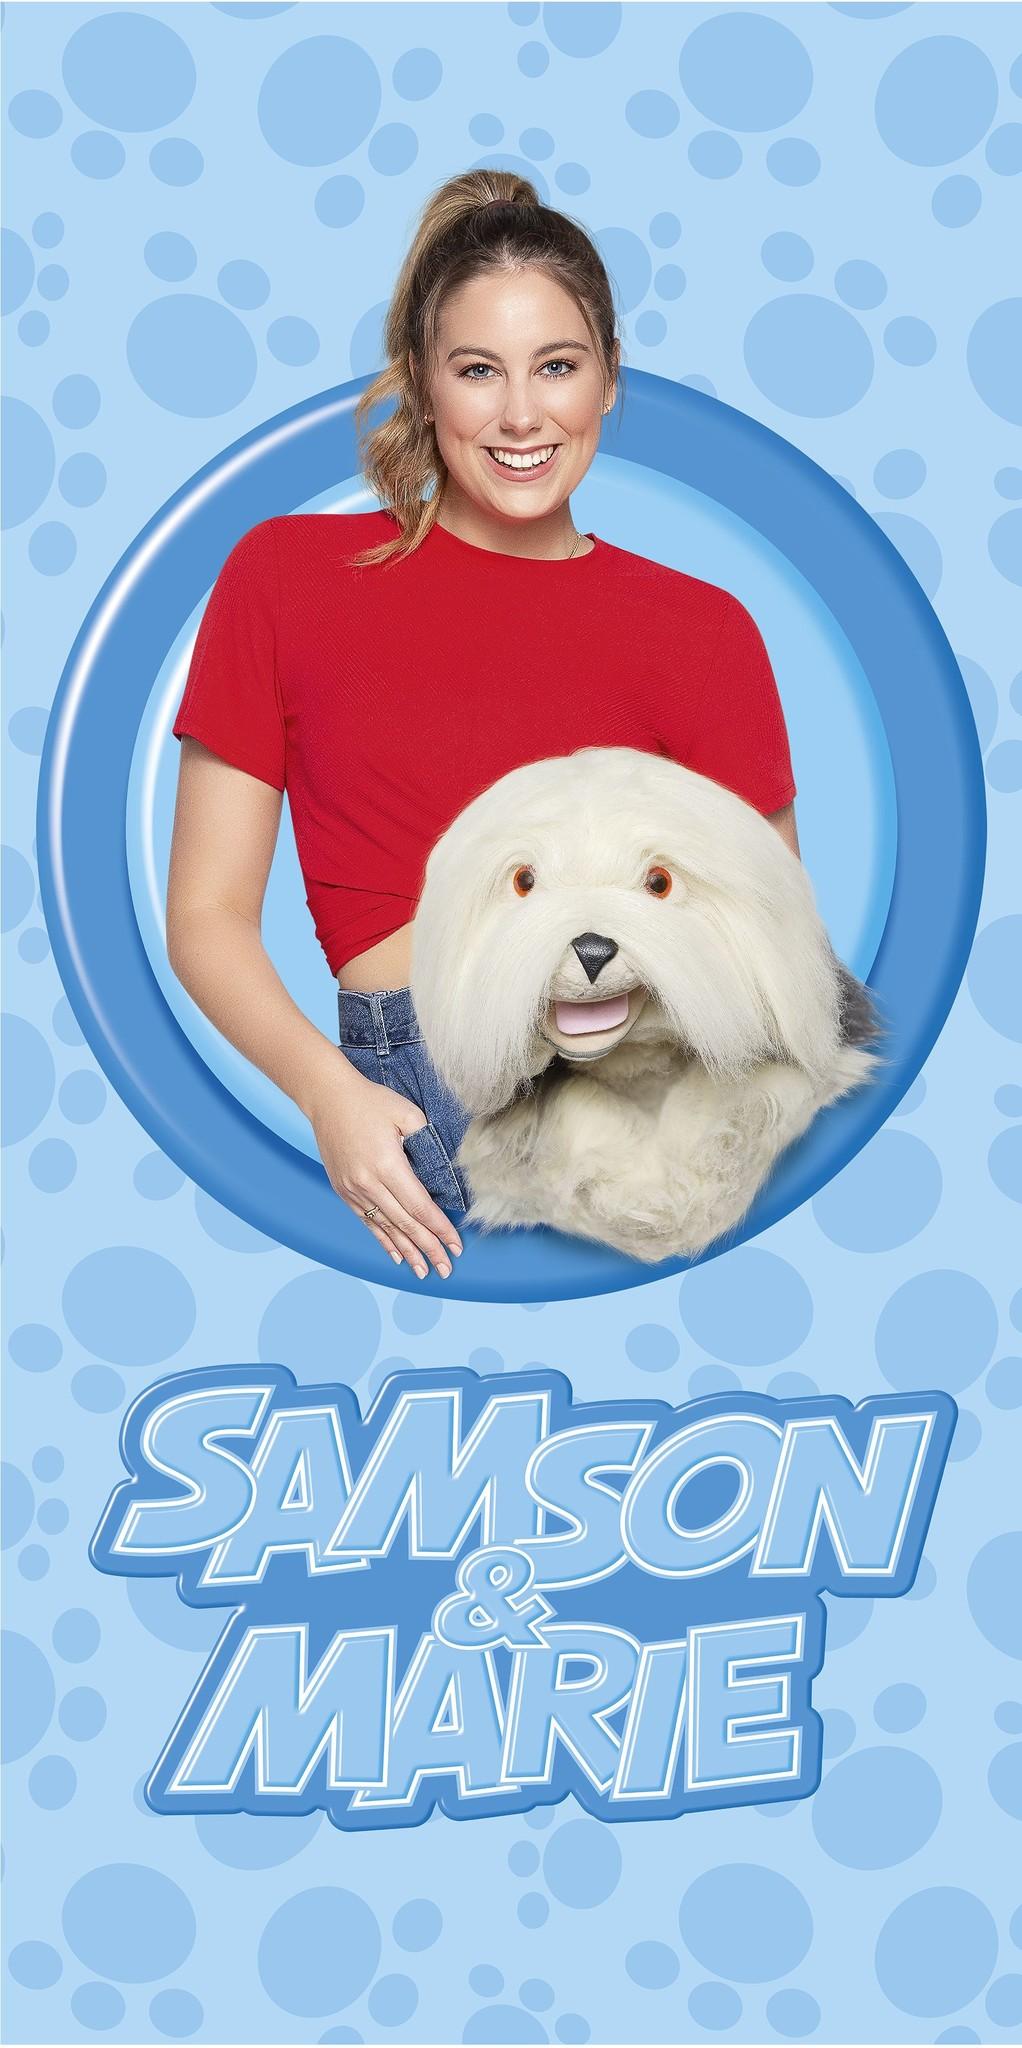 Badlaken Samson en Marie: 75x150 cm